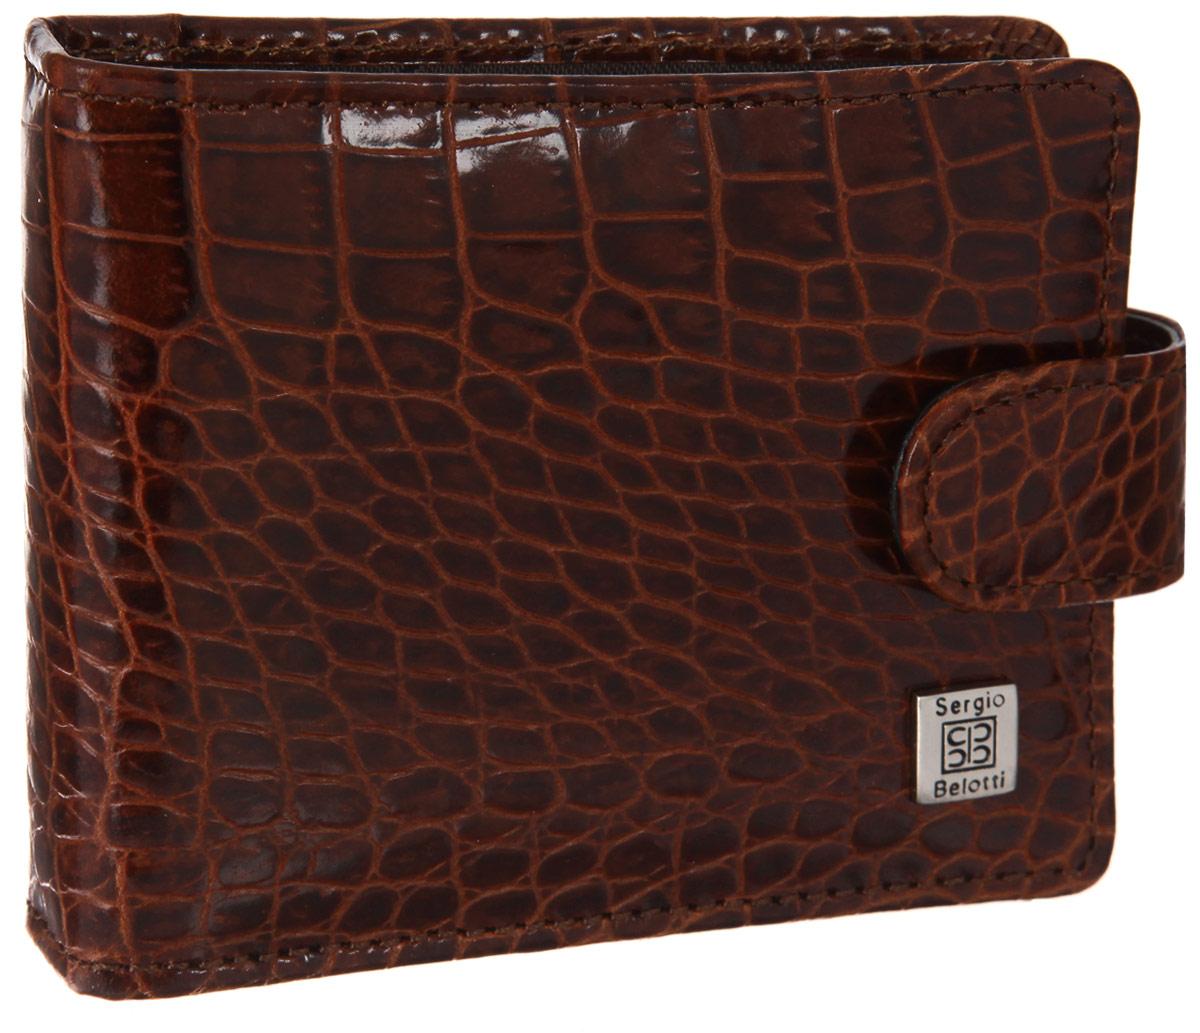 Визитница горизонтальная Sergio Belotti, цвет: коричневый. 2392 2392 modena cognac